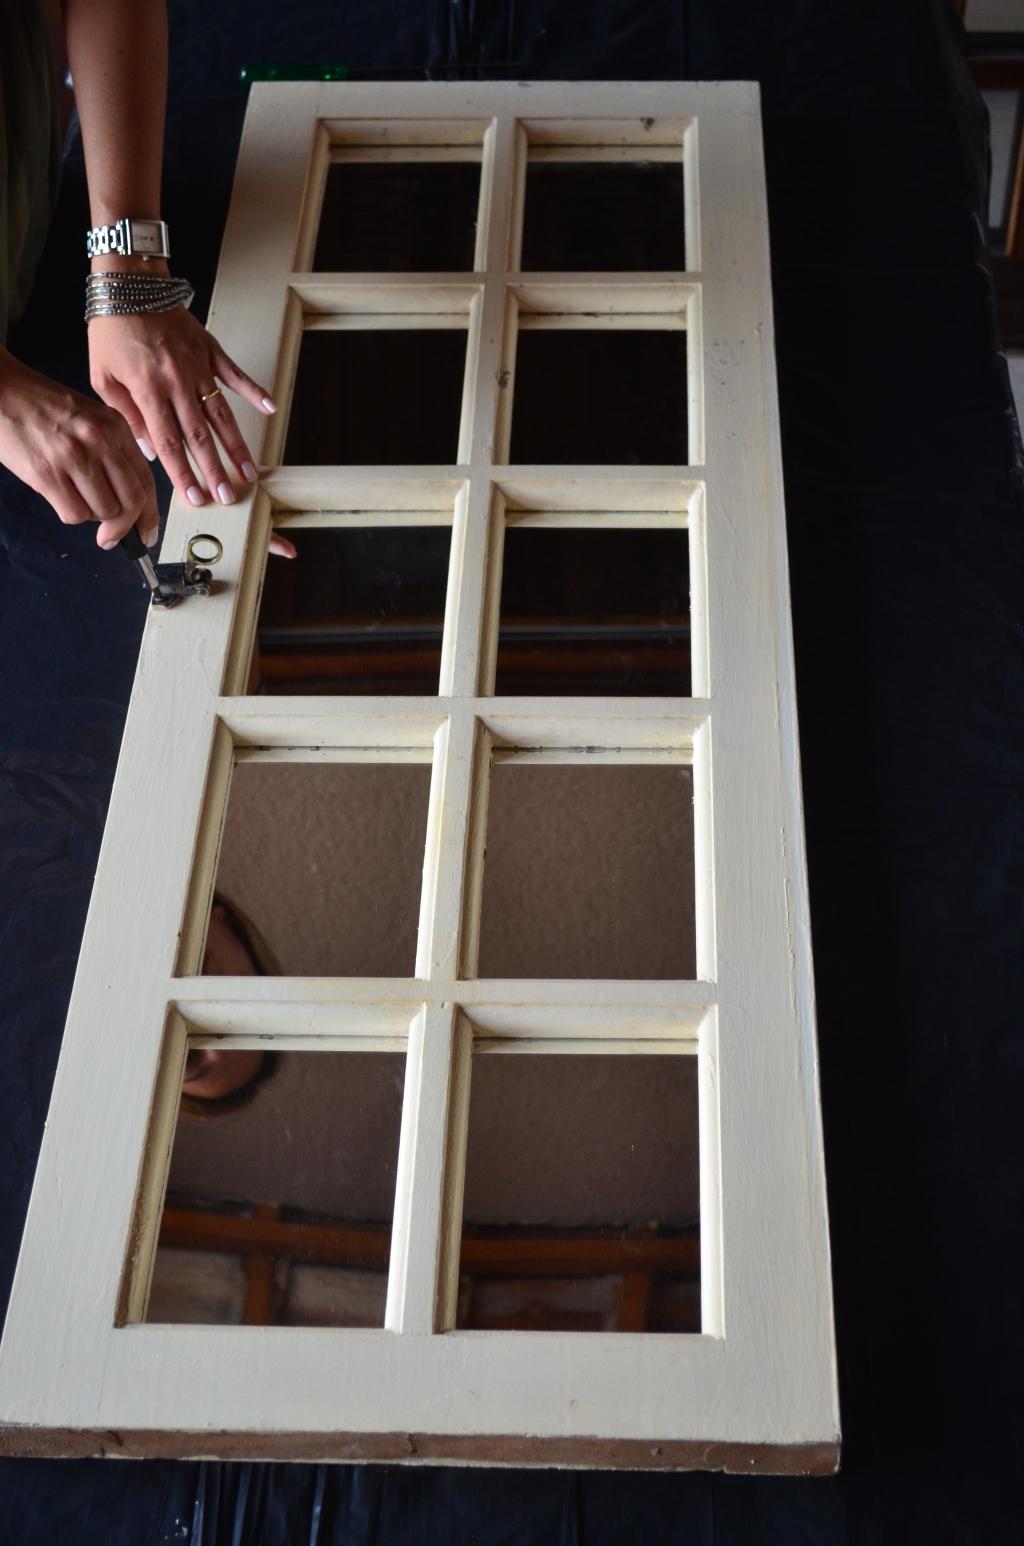 Conhecido Espelhos janelas | Sisleine Arquitetura RY44